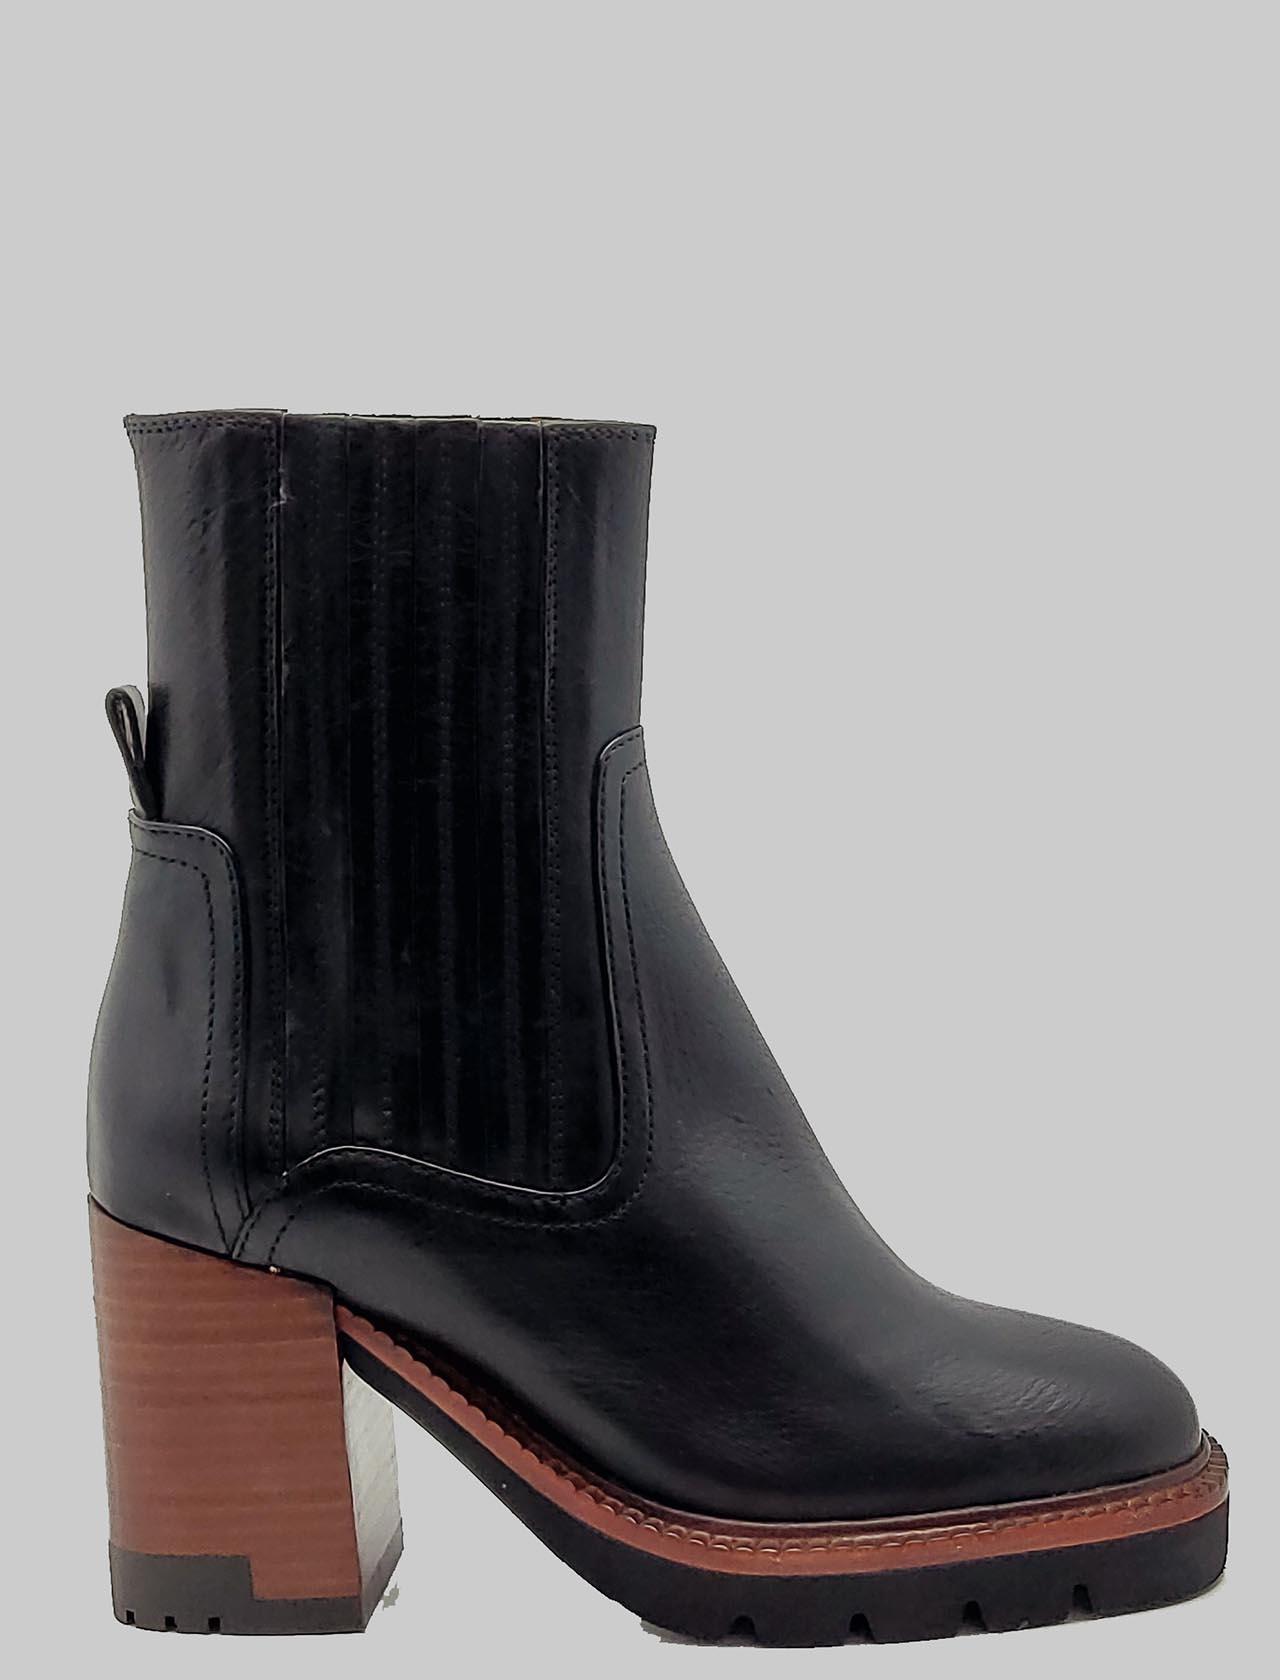 Calzature Donna Stivaletti Chelsea Boot In Pelle Nera Con Tacco In Cuoio E Plateau Carrarmato Bruno Premi | Stivaletti | BA1204XNERO